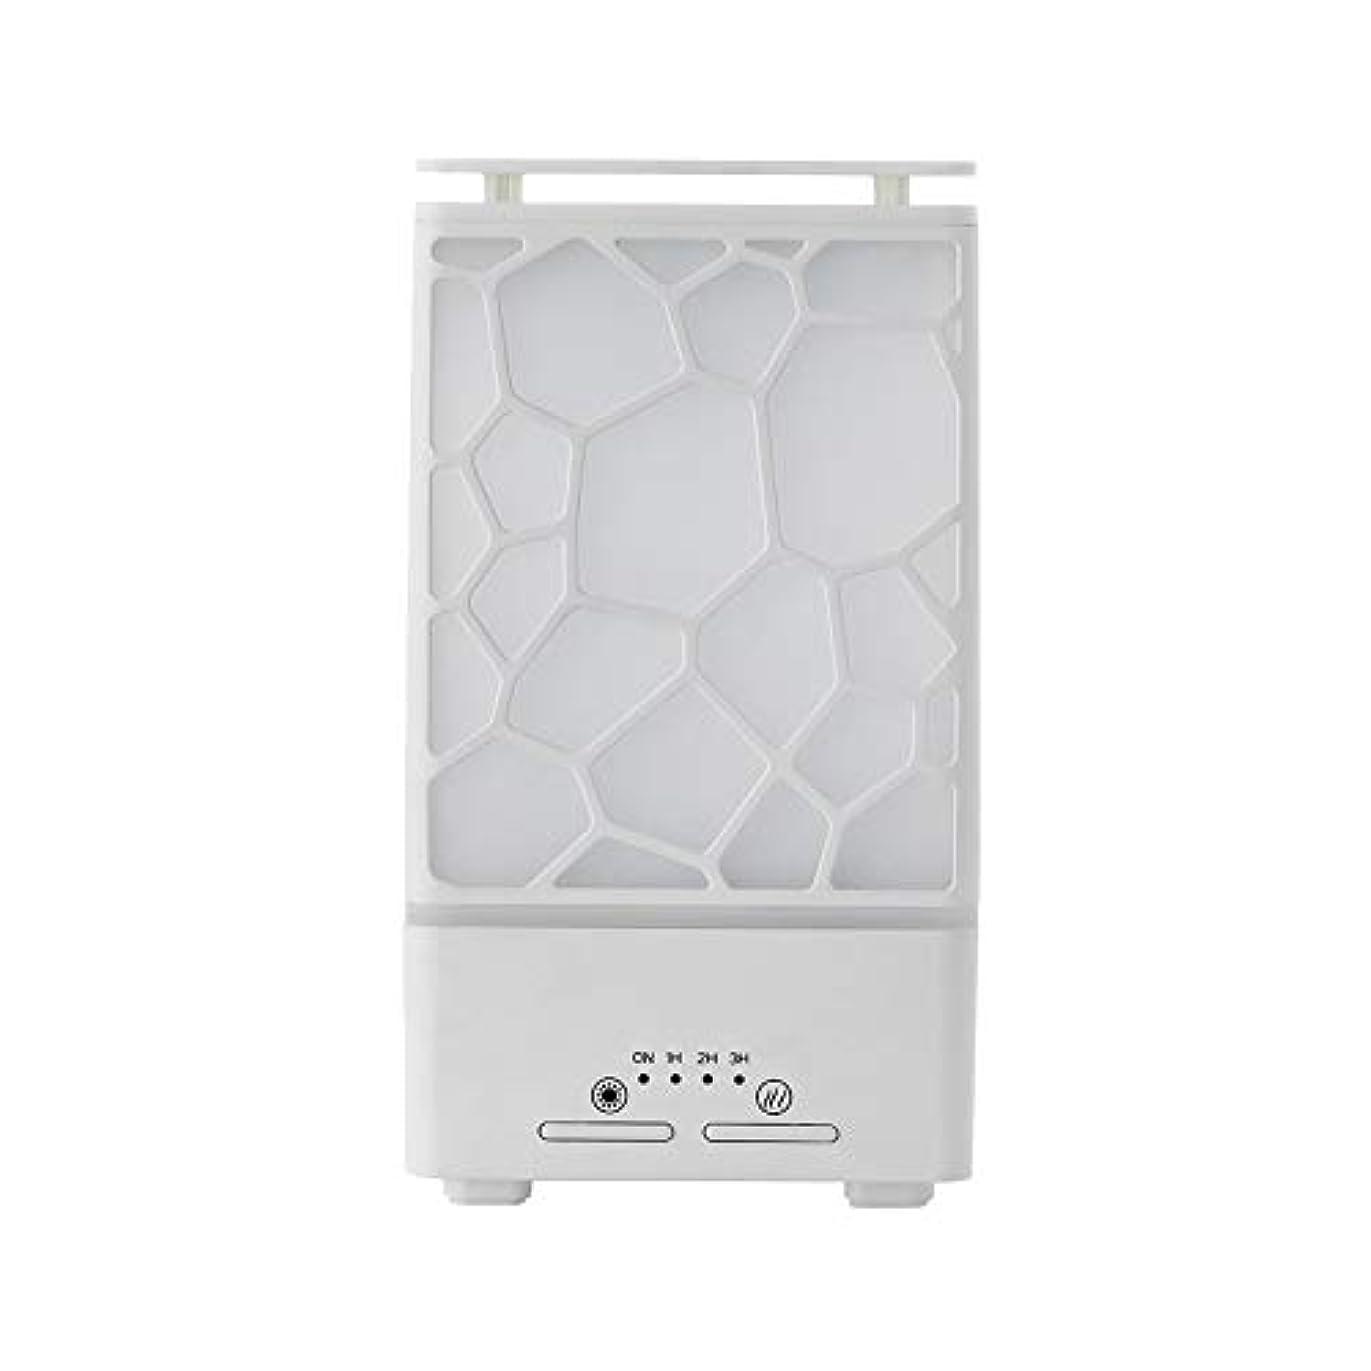 幻想危険な抗議yanQxIzbiu Essential Oil Diffuser Geometric Plaid Aroma Essential Oil Diffuser Home Office LED Lights Humidifier...